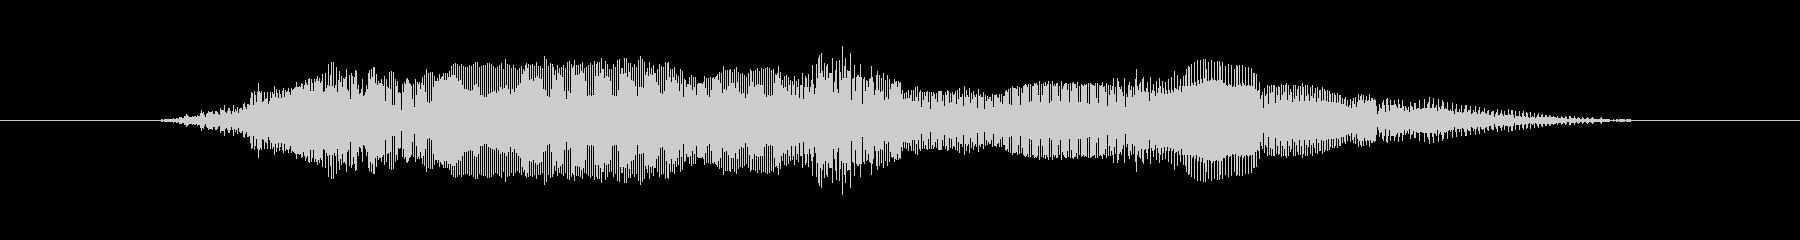 鳴き声 リトルガールラフ04の未再生の波形